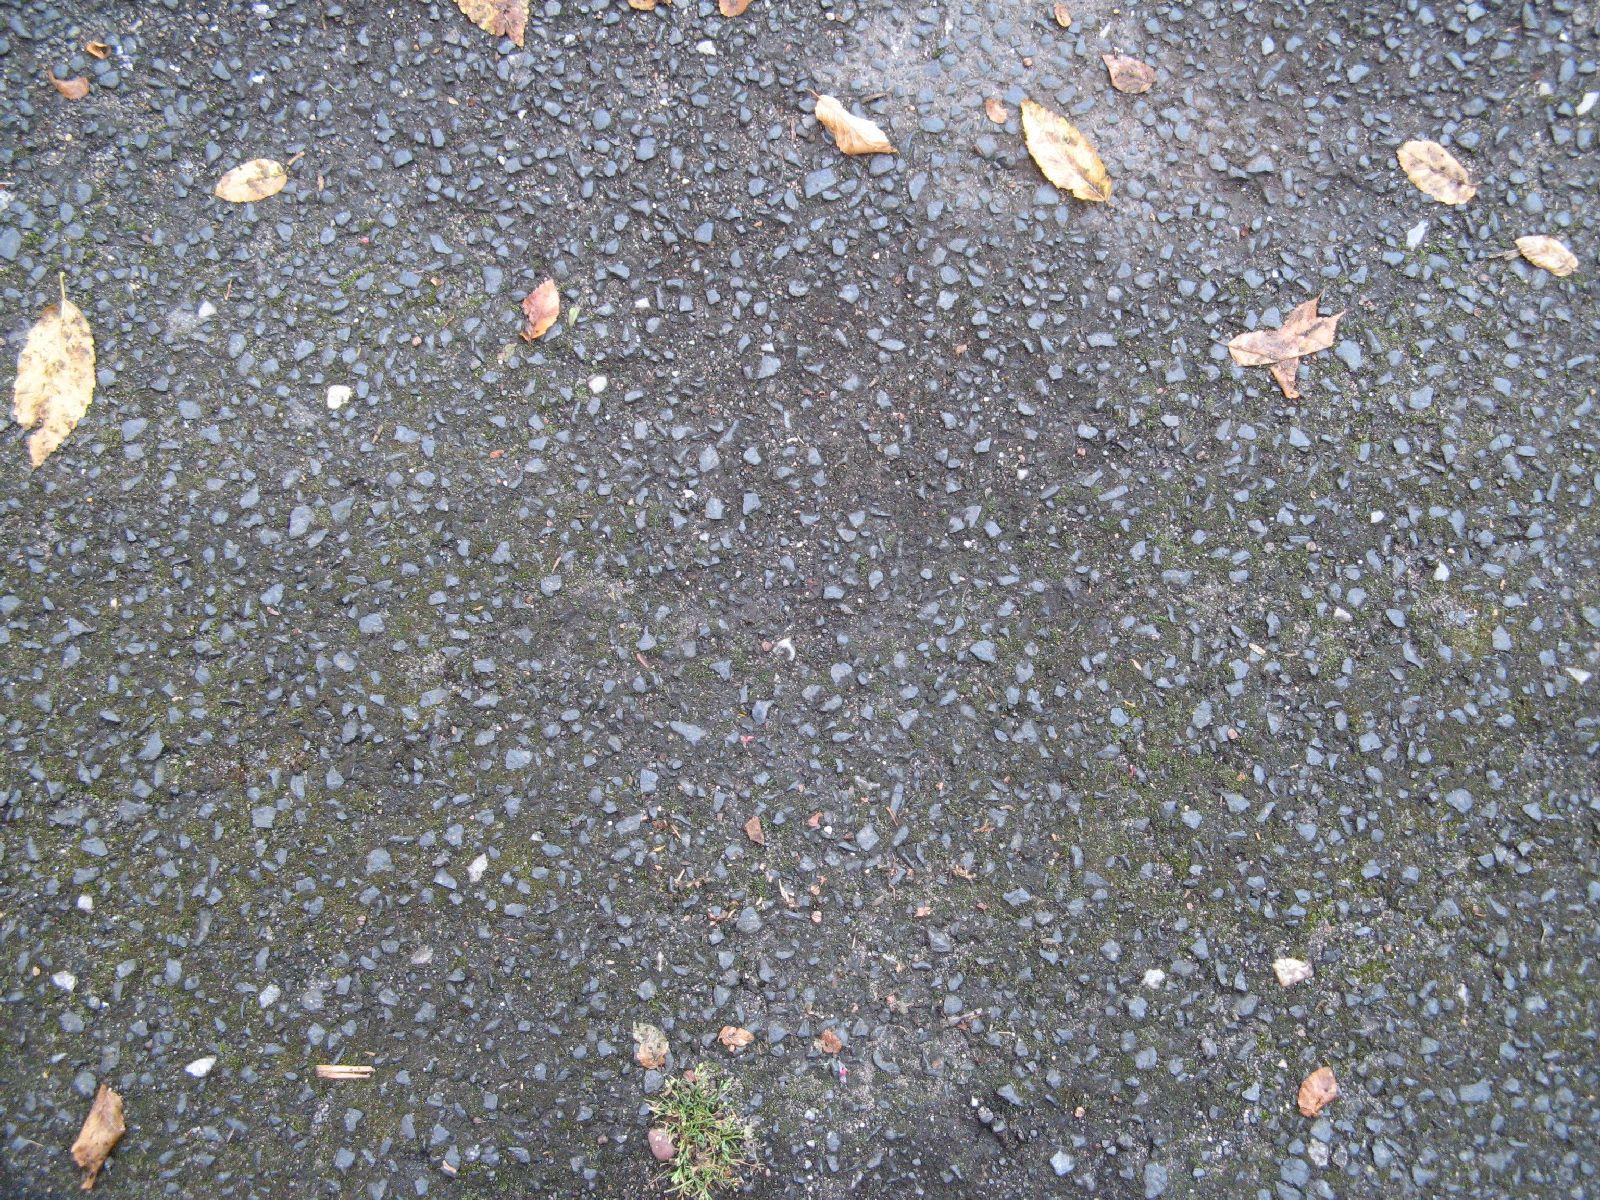 Boden-Gehweg-Strasse-Buergersteig-Textur_B_00779